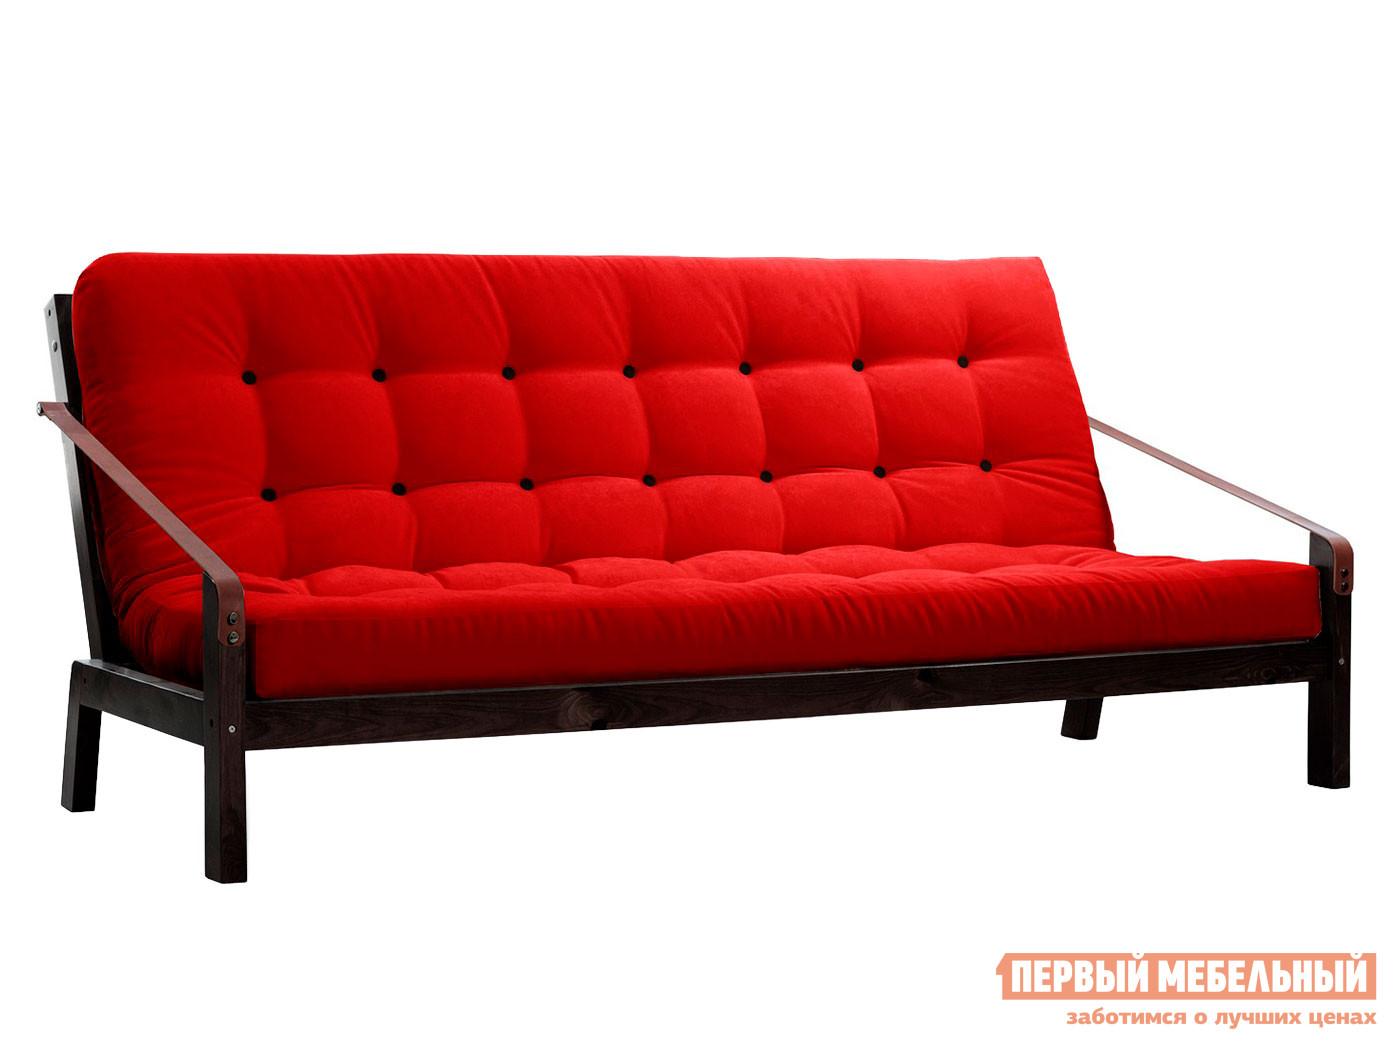 Прямой диван  Локи сосна венге Красный, вельвет — Локи сосна венге Красный, вельвет